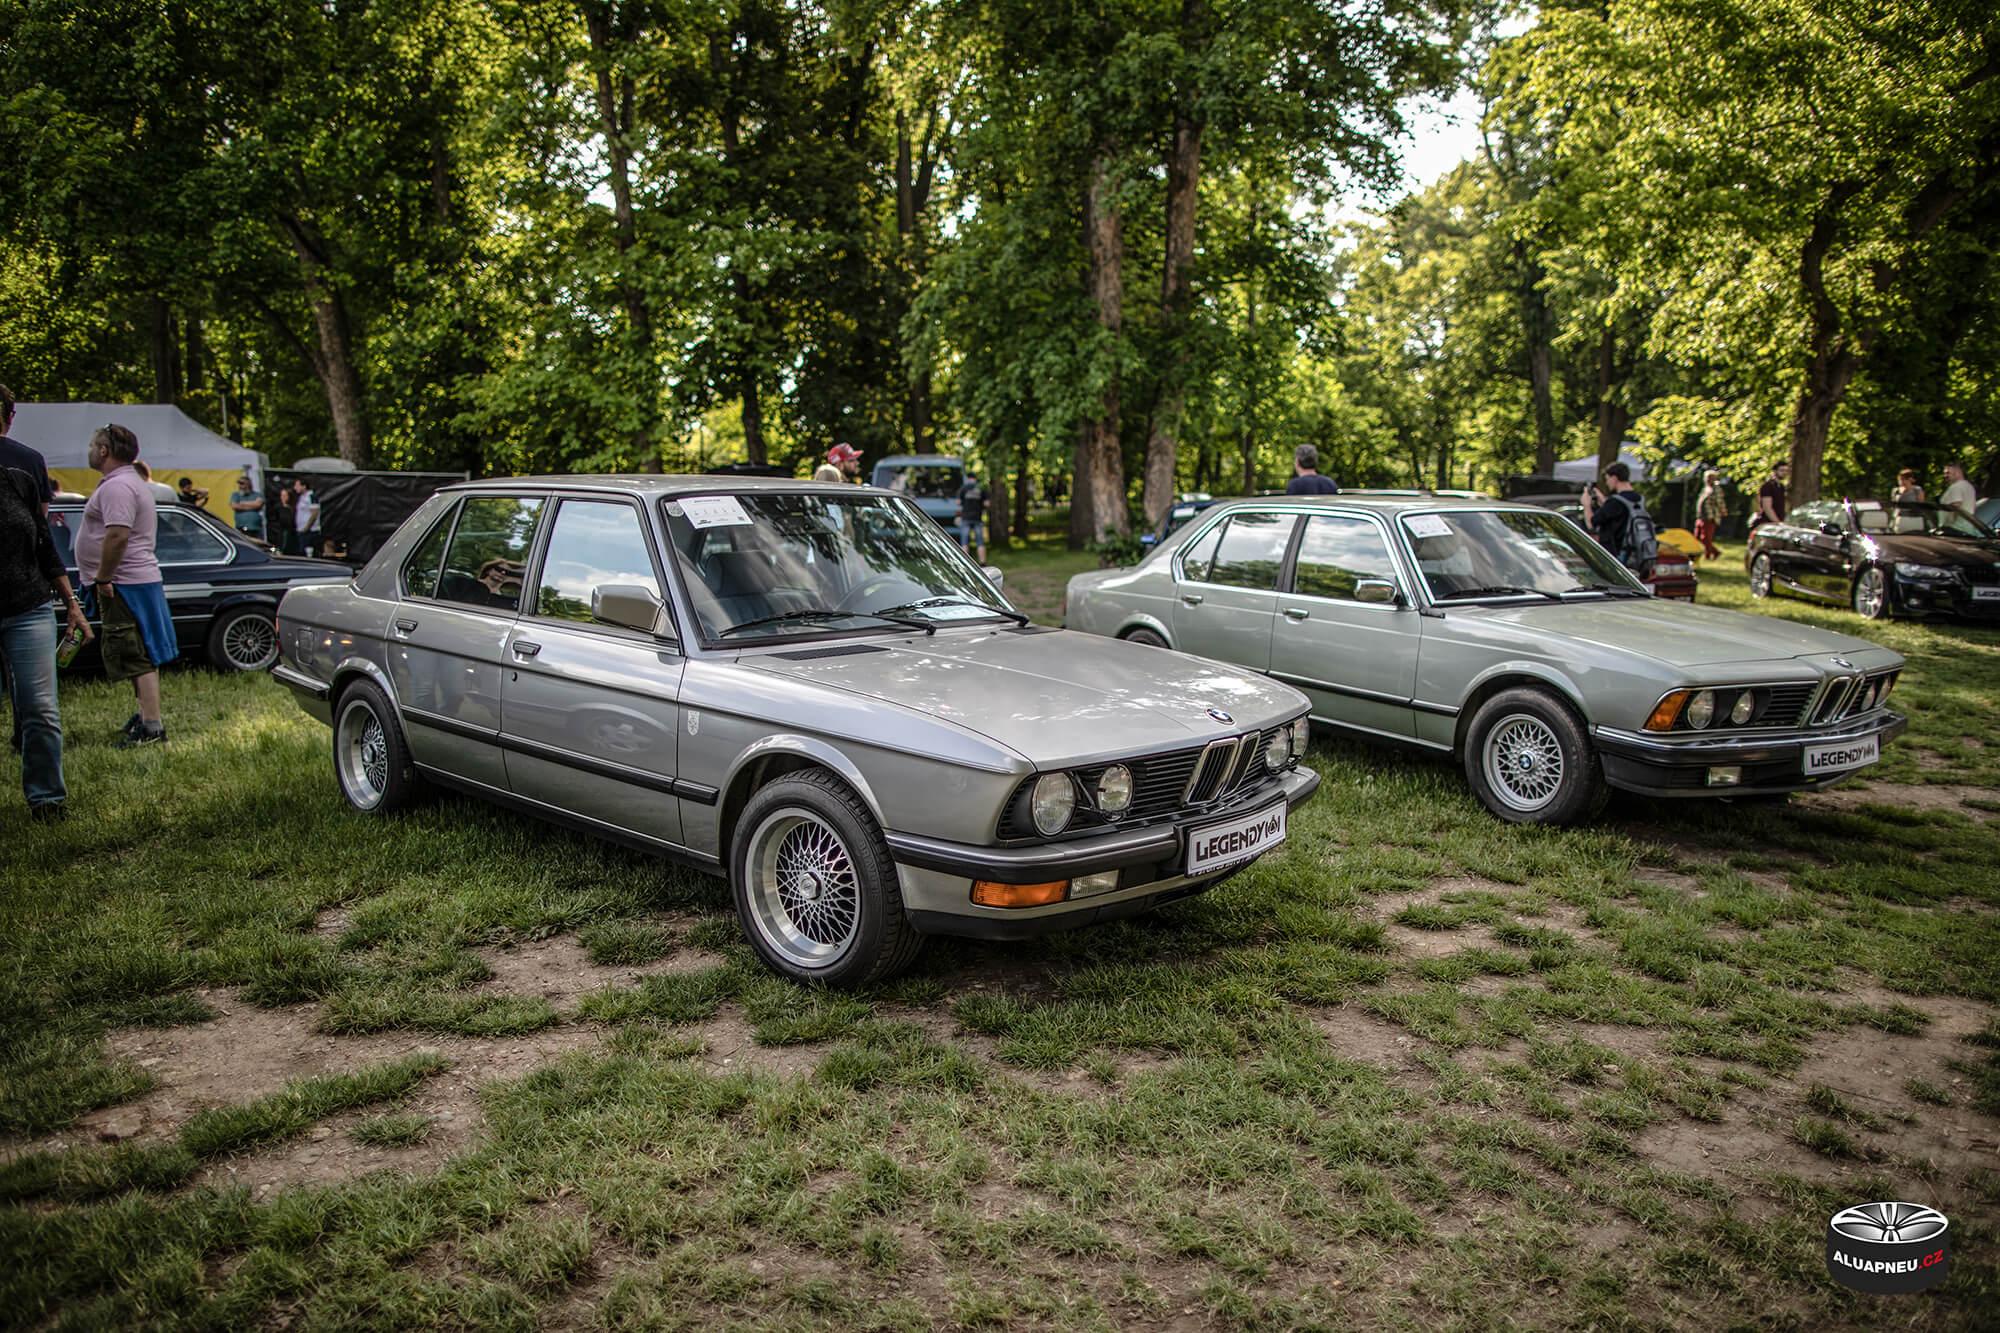 Original Bmw - Youngtimer - www.aluapneu.cz